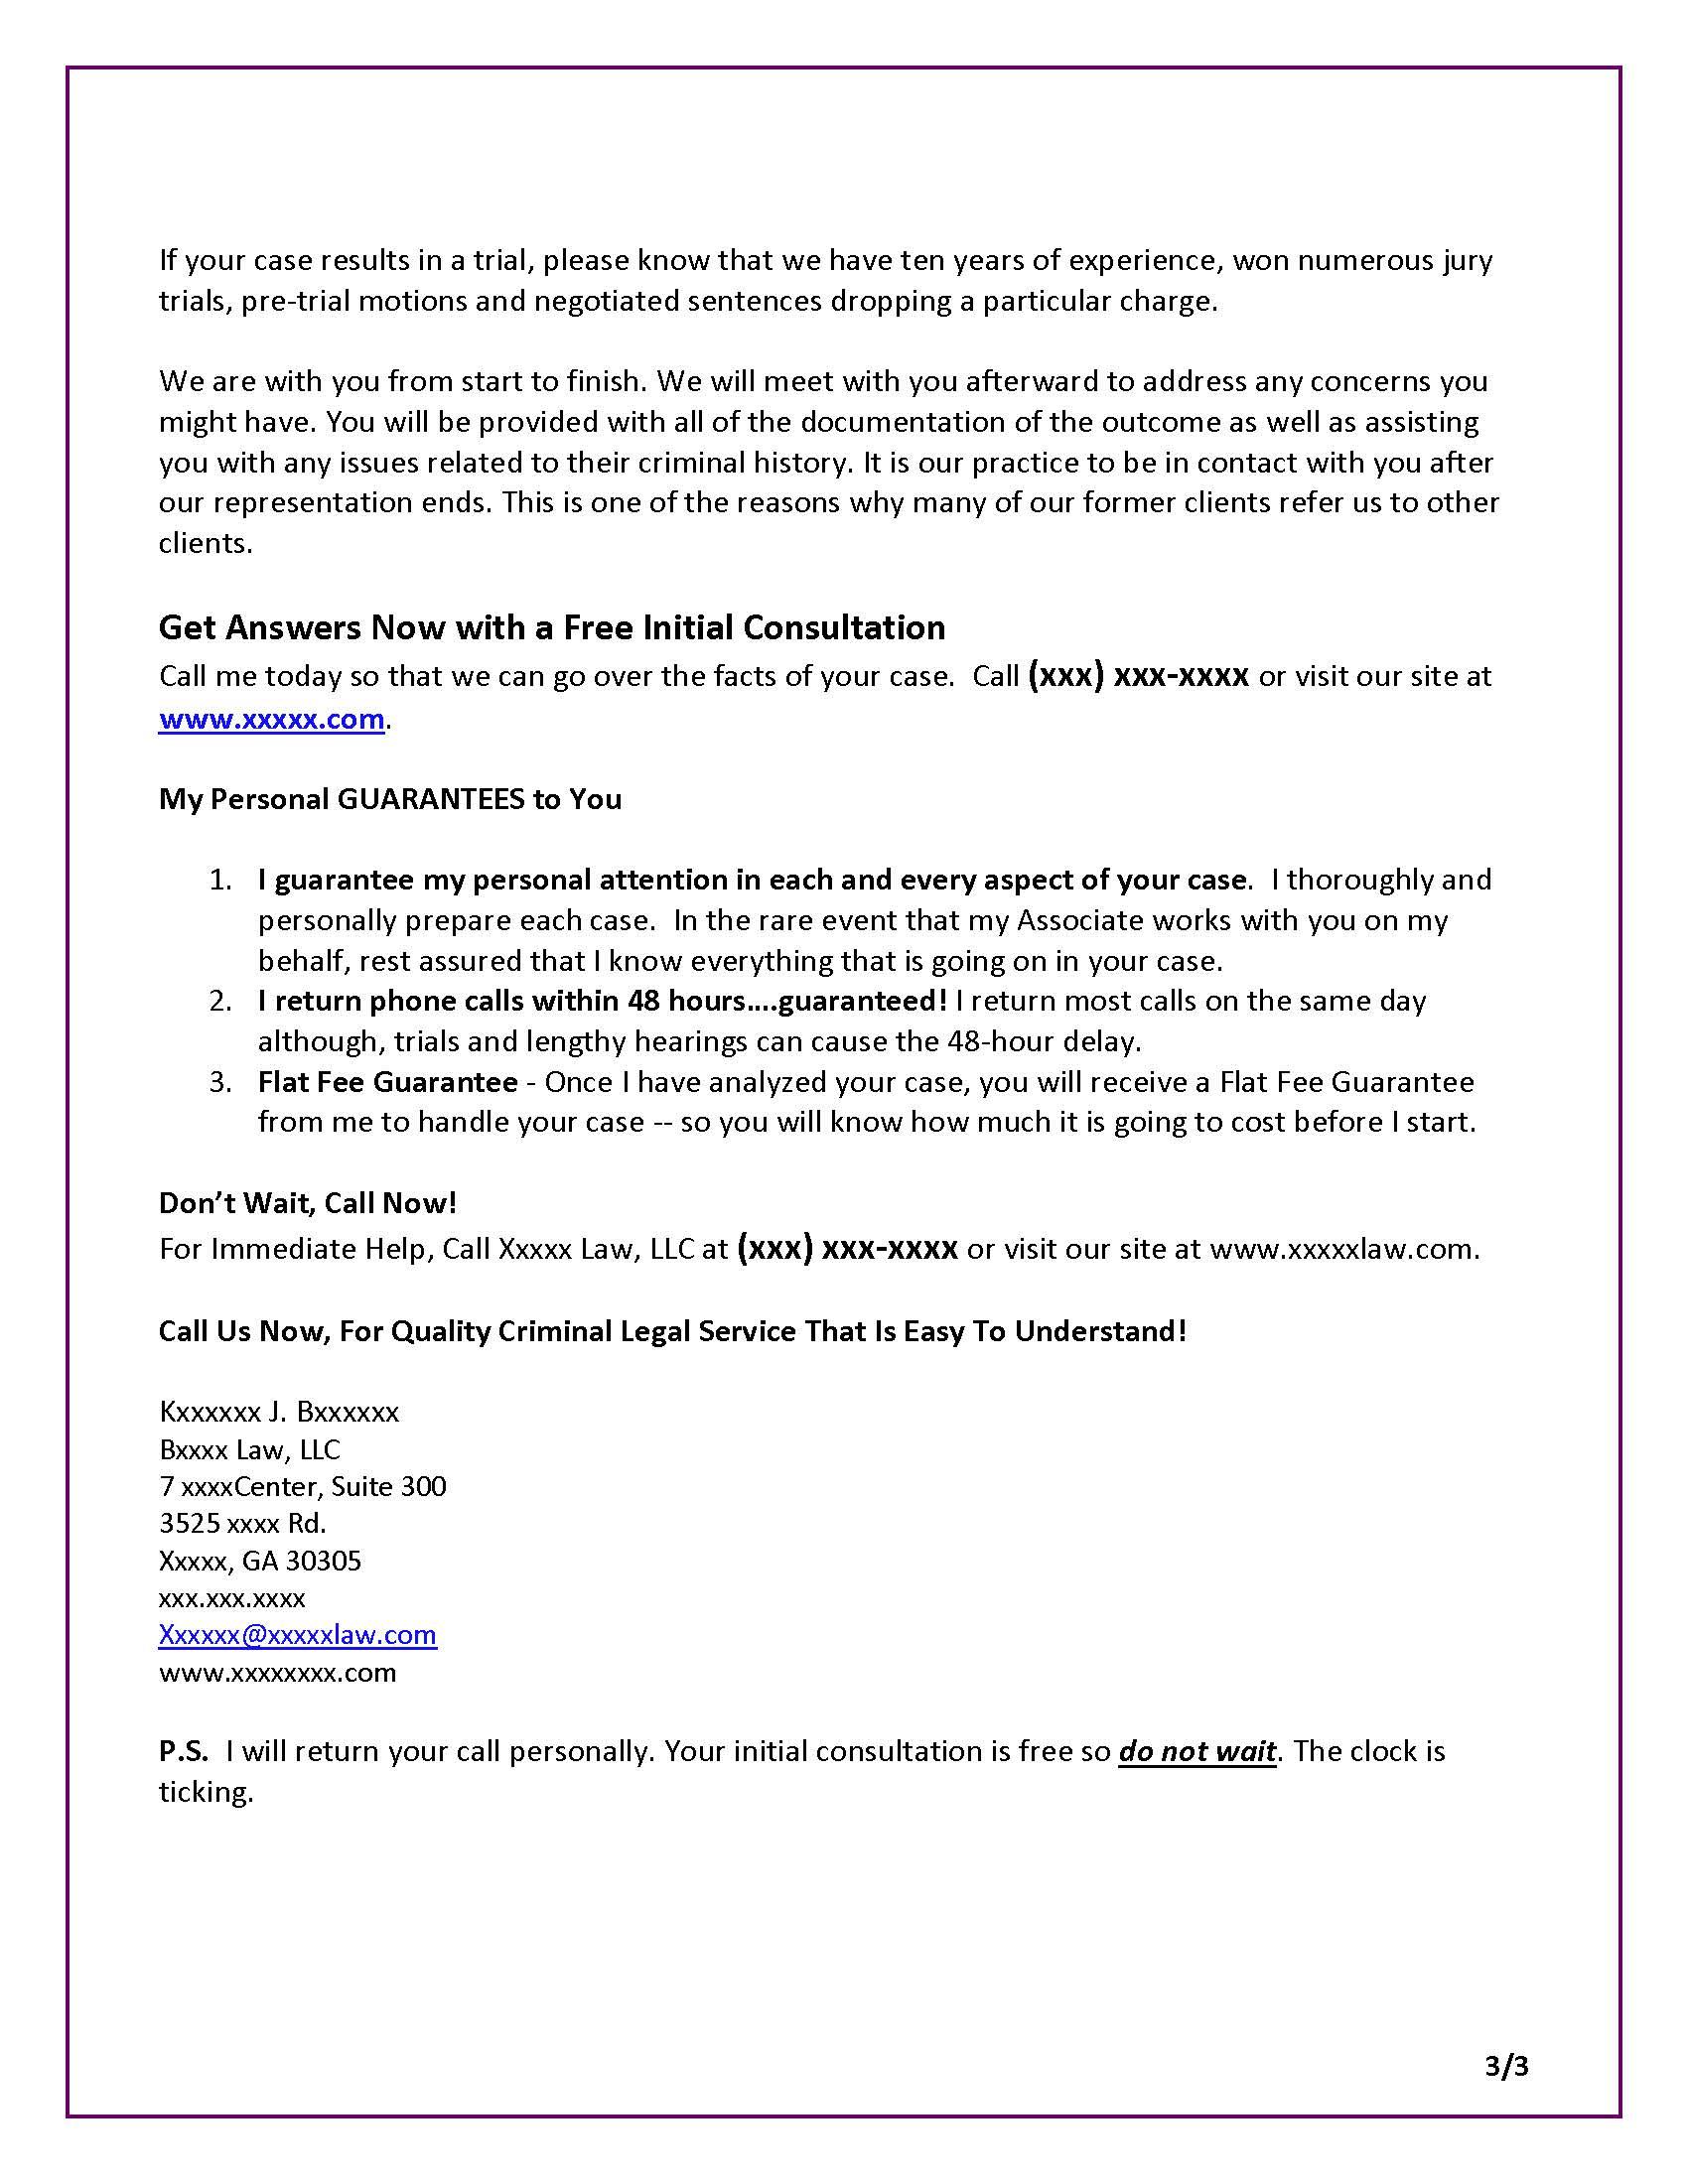 Sales Letter - DM Letter for Criminal Defense Attorney_Page_3